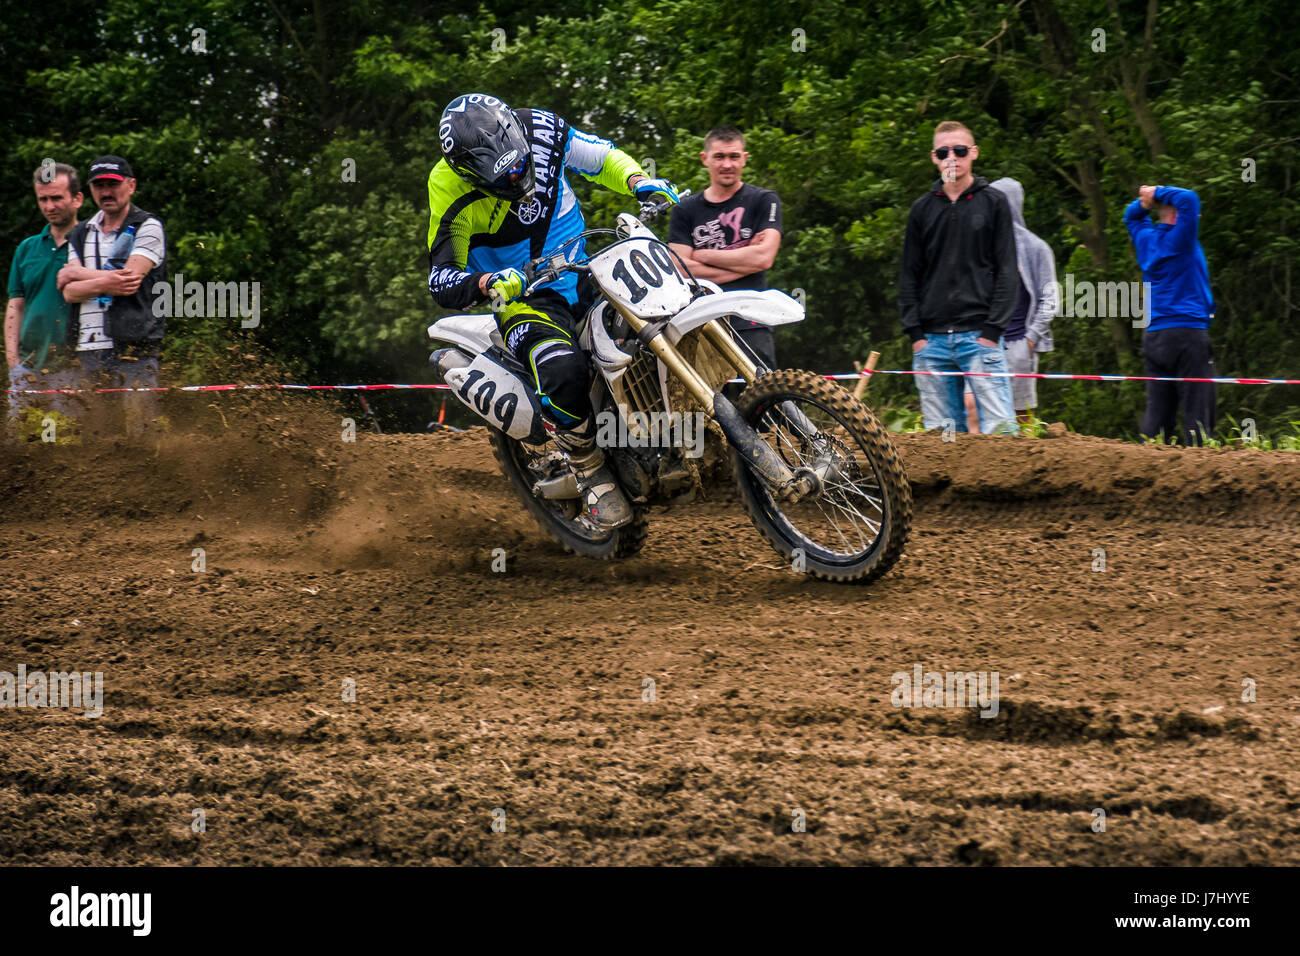 Uzhgorod, Ucraina - 21 Maggio 2017: moto Enduro rider in fase di accelerazione in pista sterrata. Transcarpazia Immagini Stock